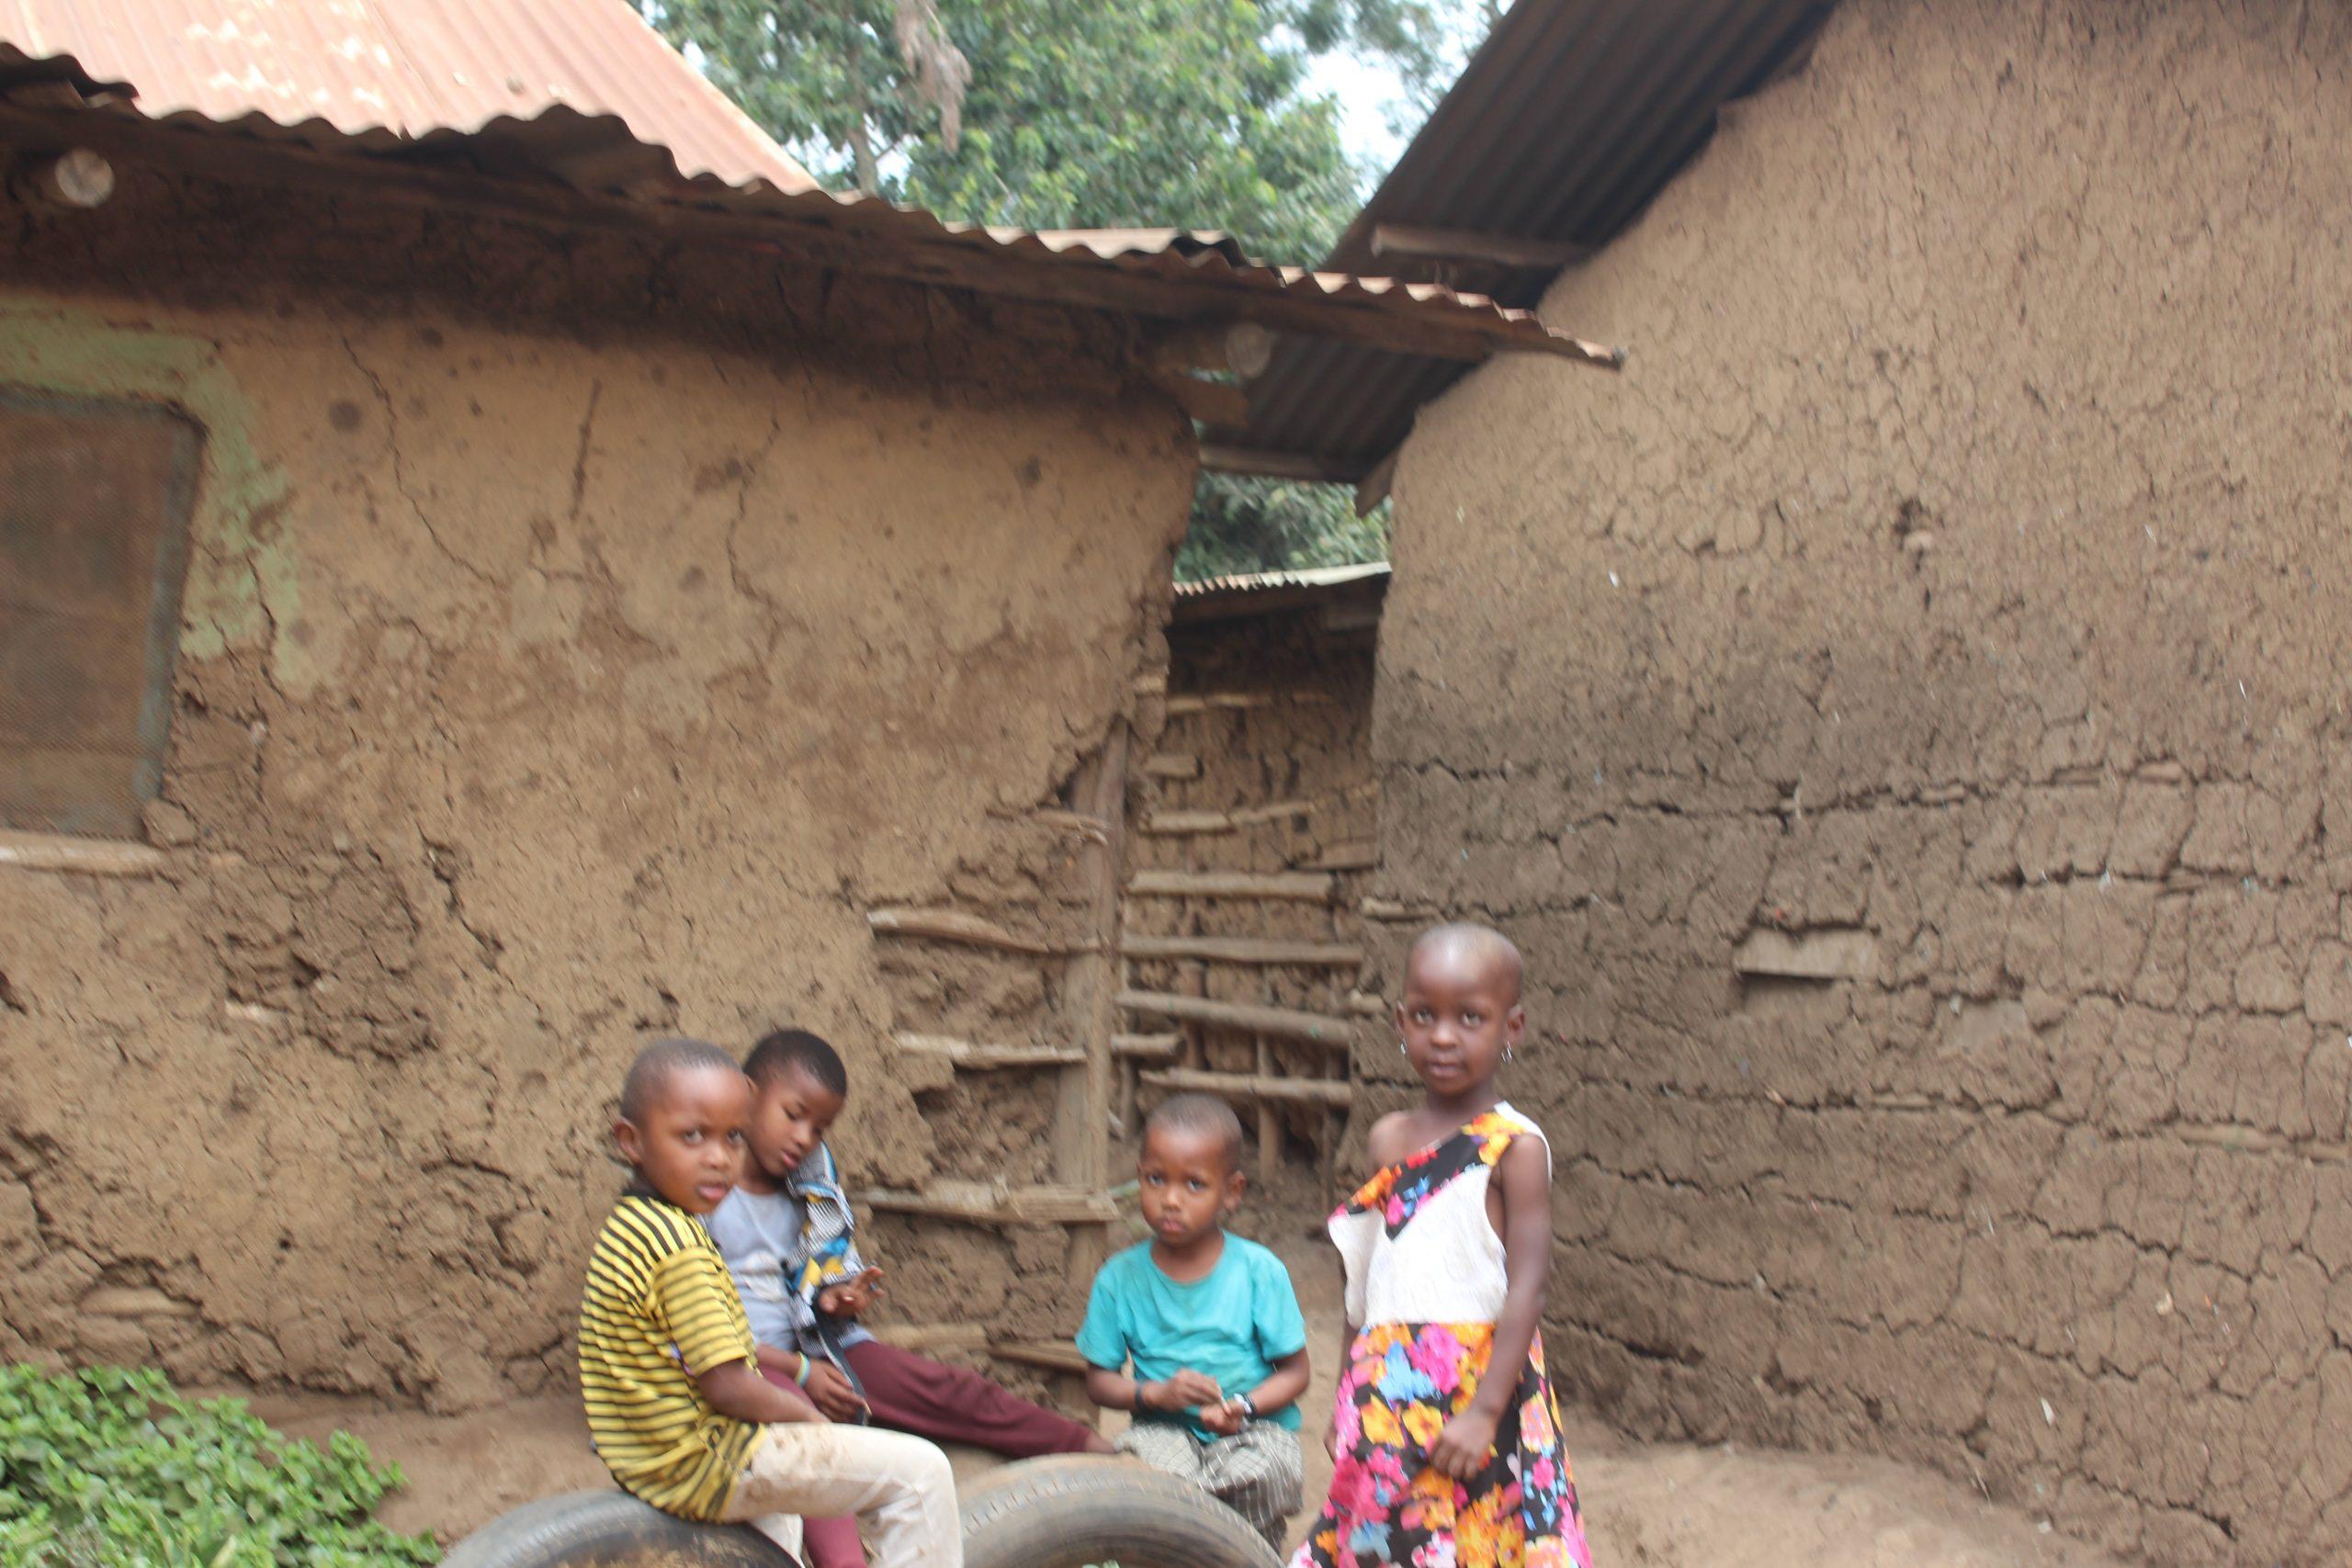 slum area jitambe kwanza